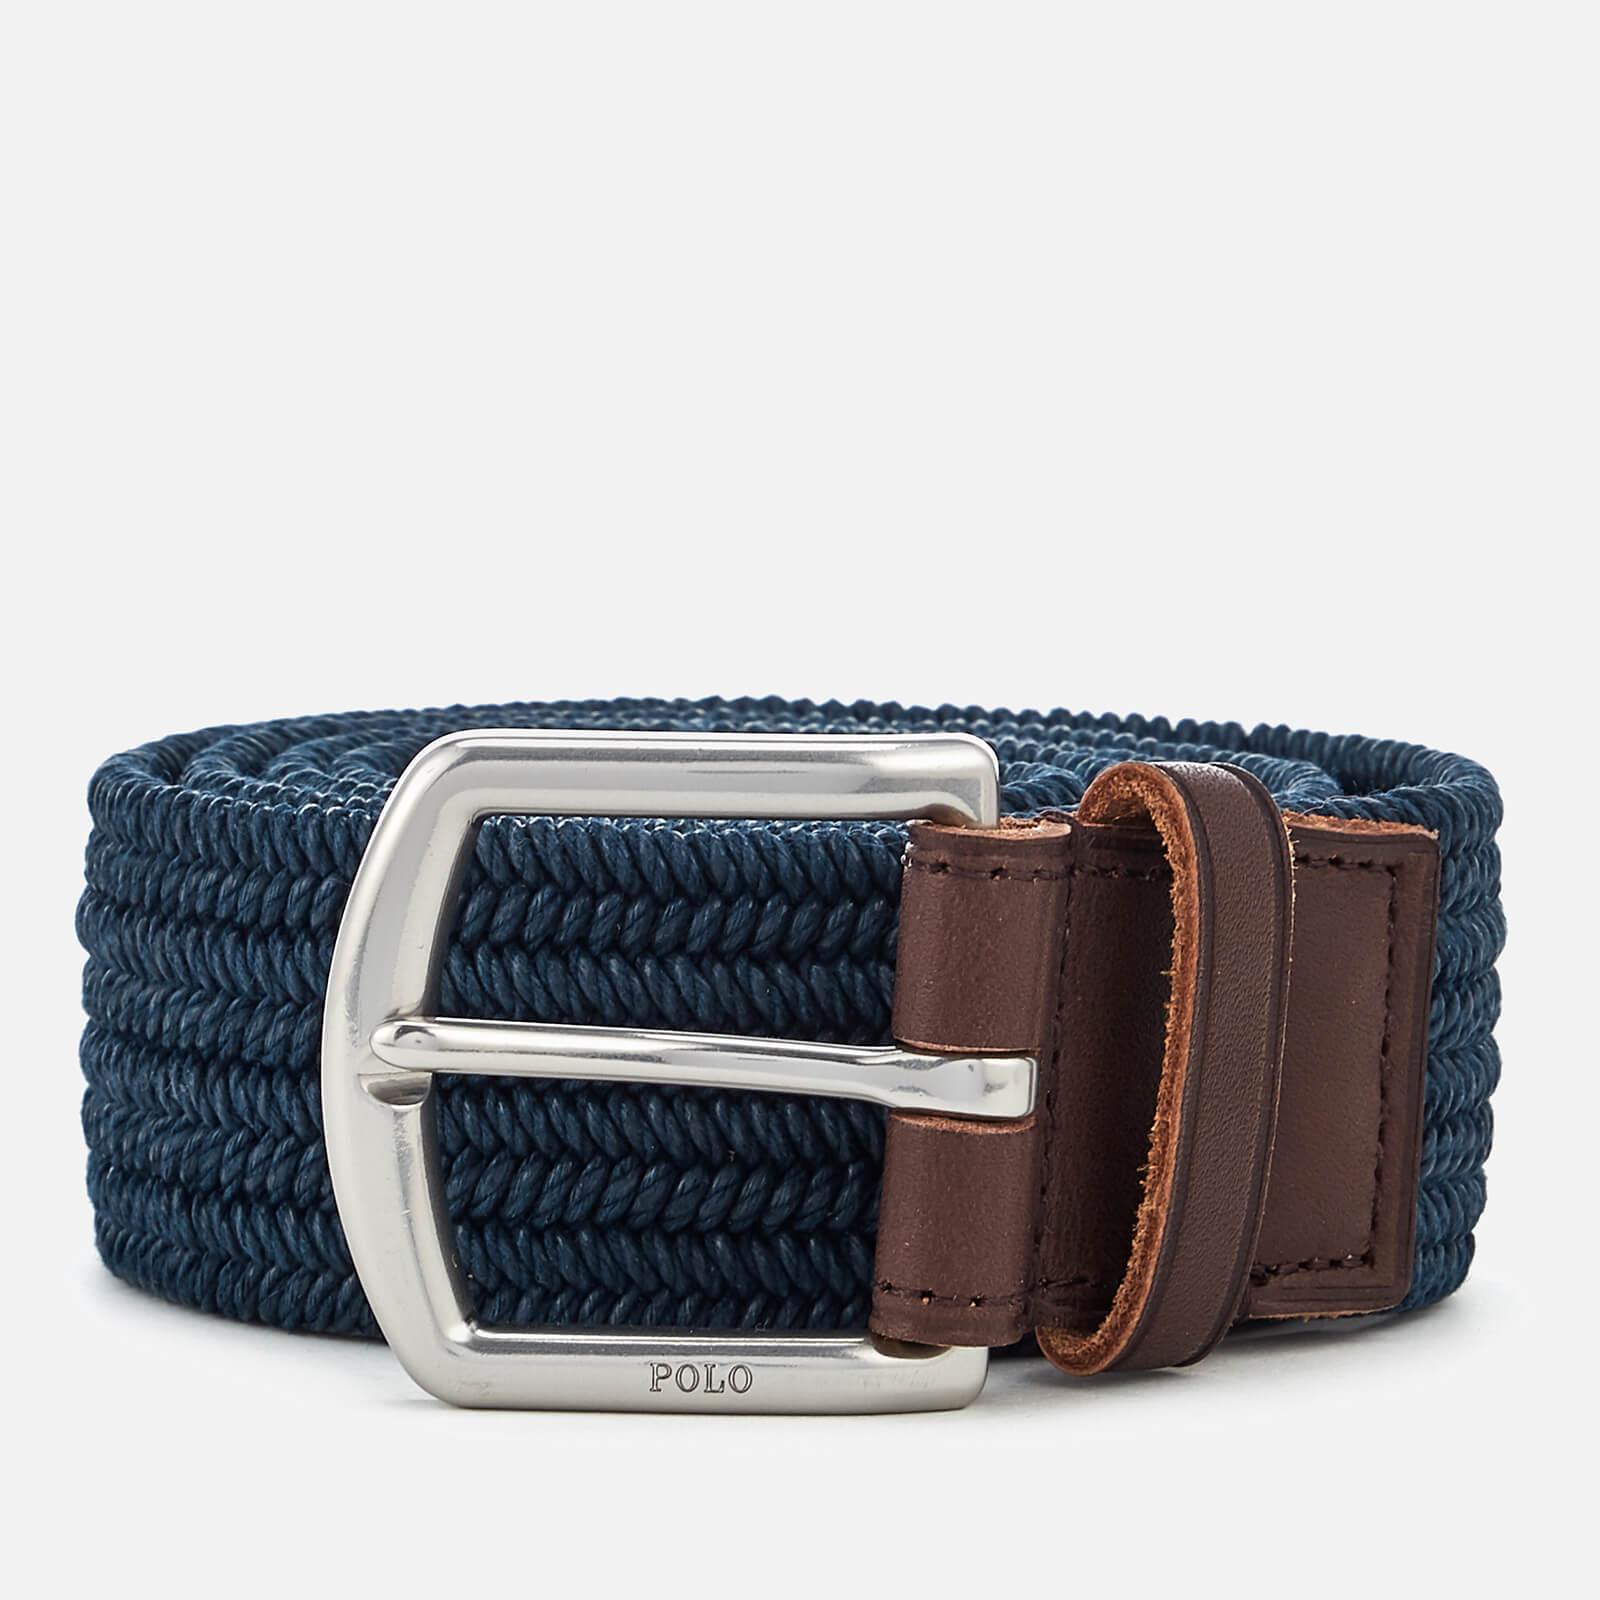 b7a57a1840 Polo Ralph Lauren Men's Braided Fabric Stretch Belt - Navy